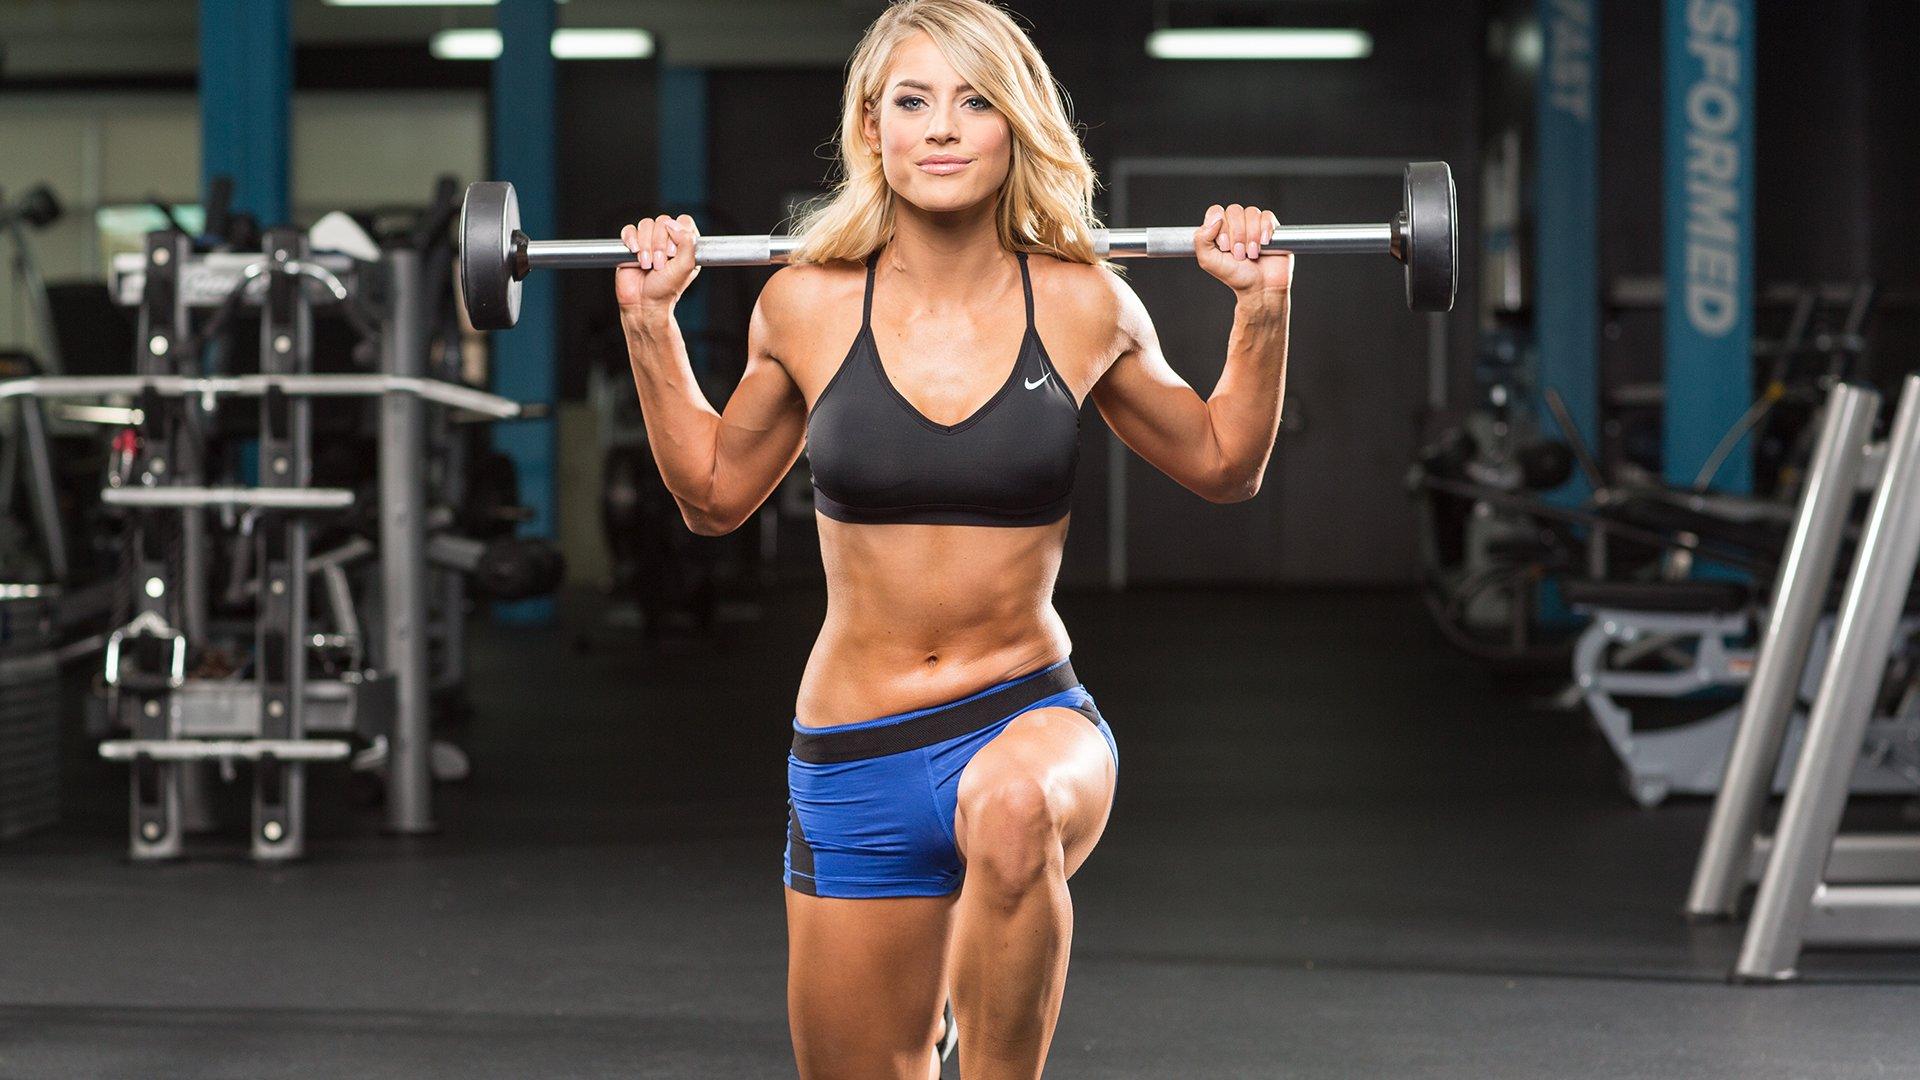 Workout Bikini Top 62